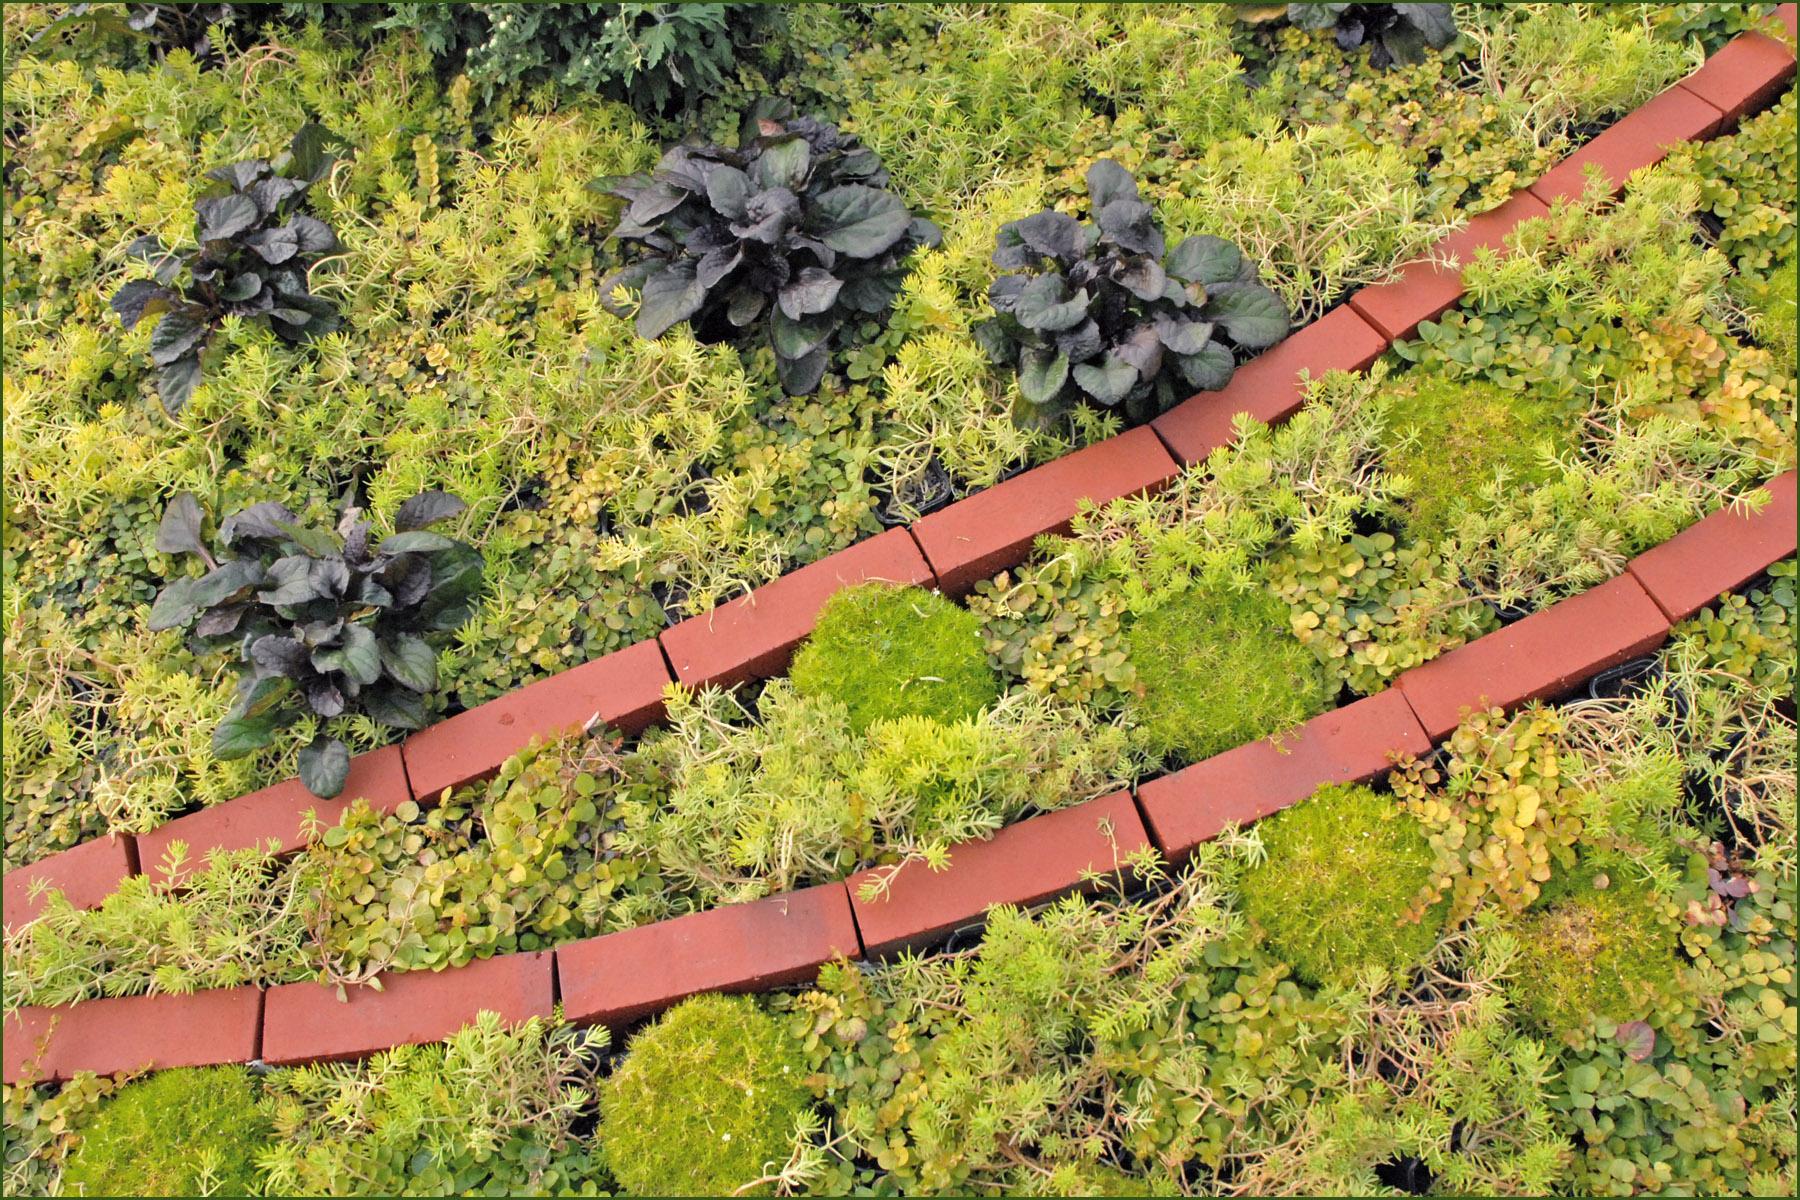 Bordure De Jardin : Aménager Et Décorer Son Jardin ... encequiconcerne Faire Ses Bordures De Jardin